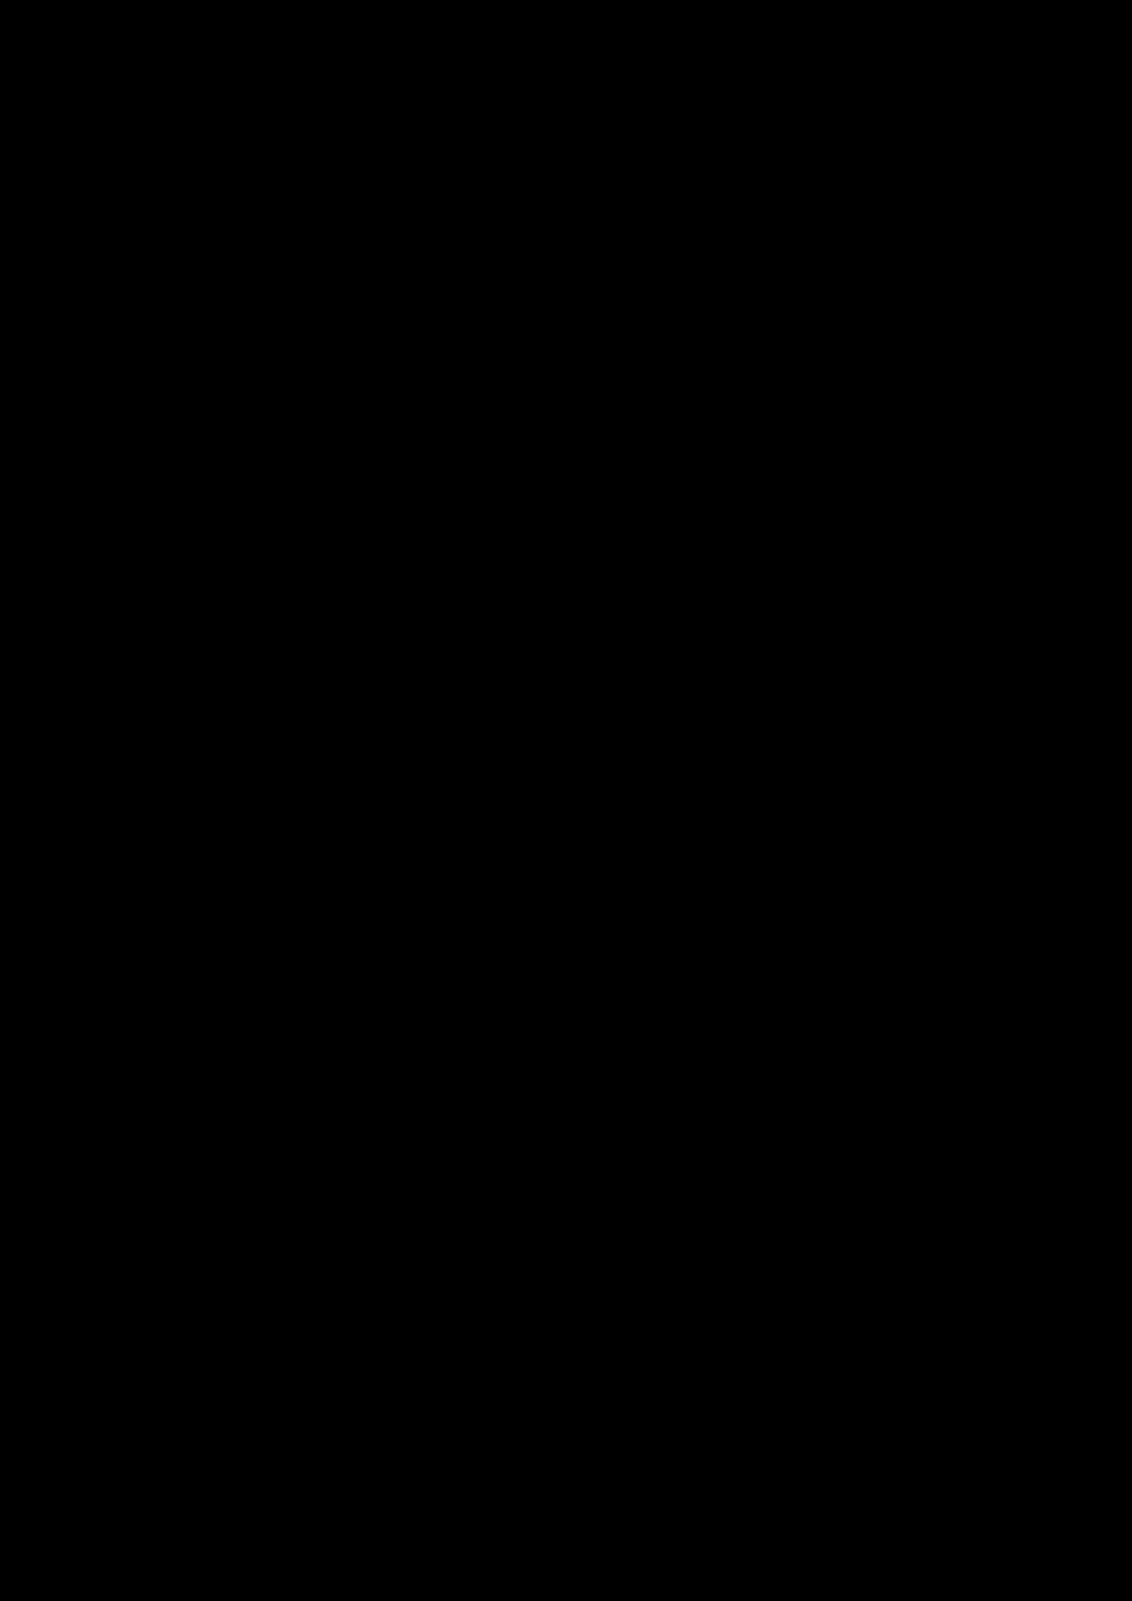 Zagadka volshebnoy stranyi slide, Image 41